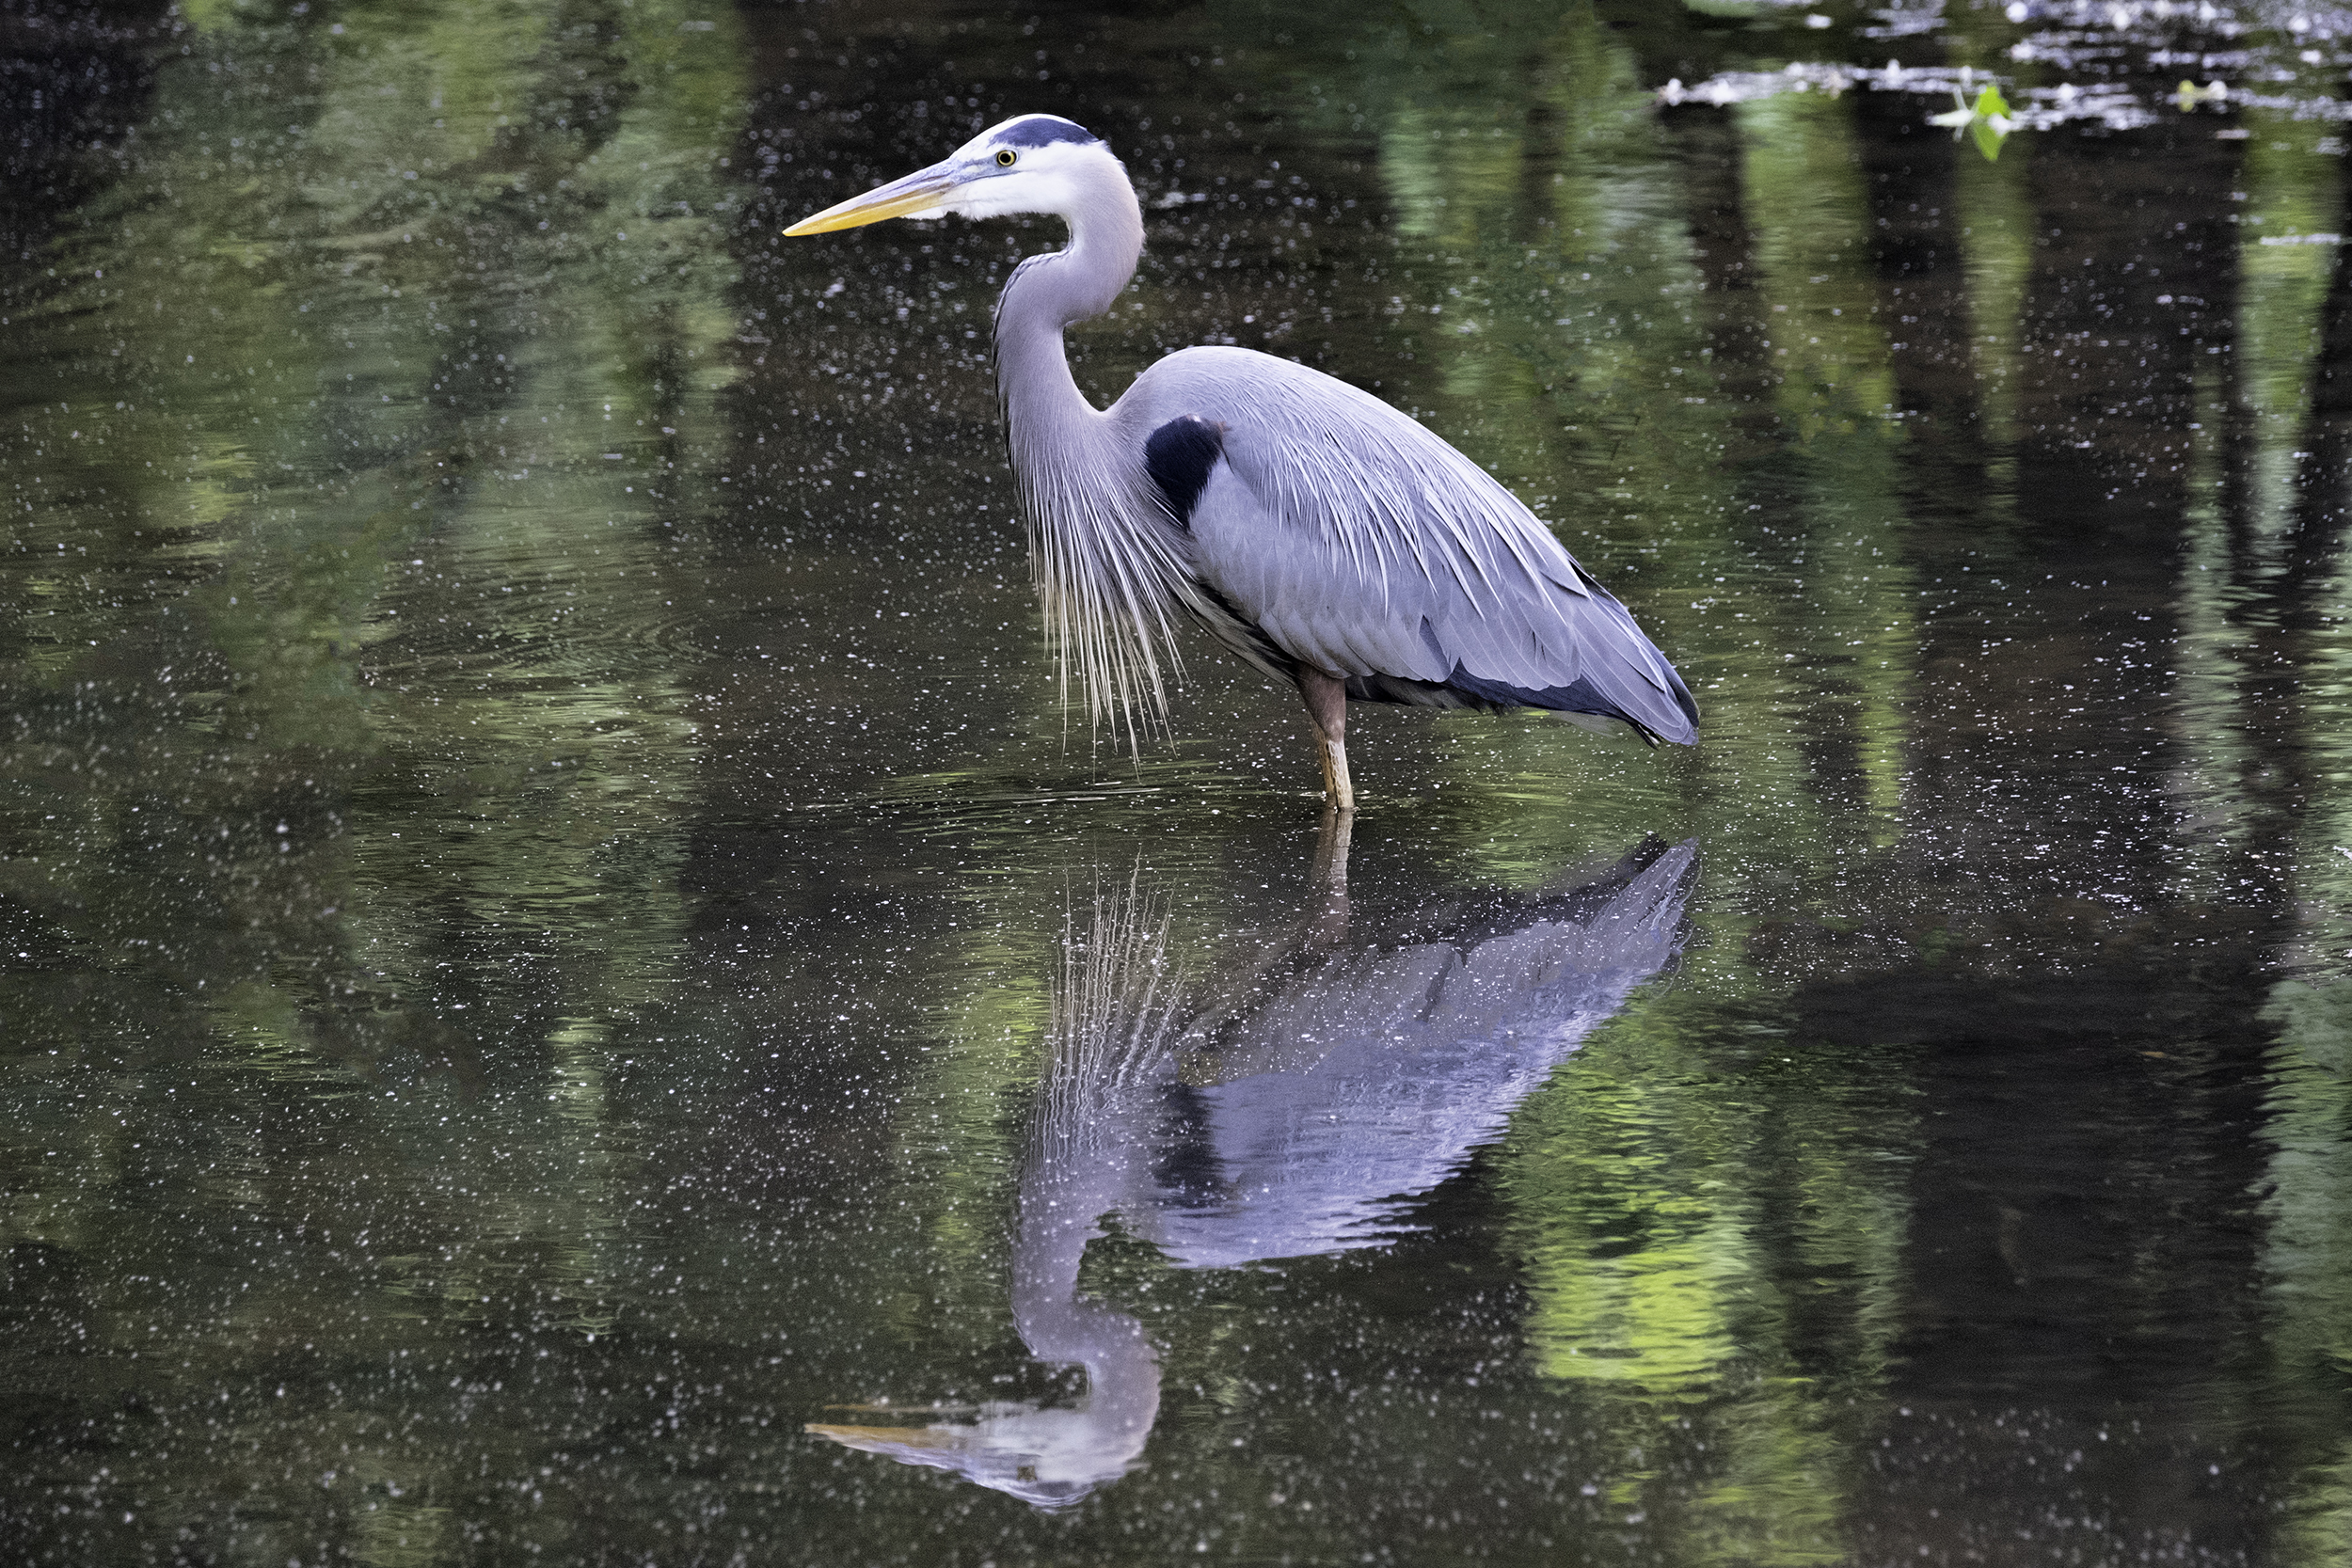 190508 XT2 Canal Birds  009-1 flt.jpg